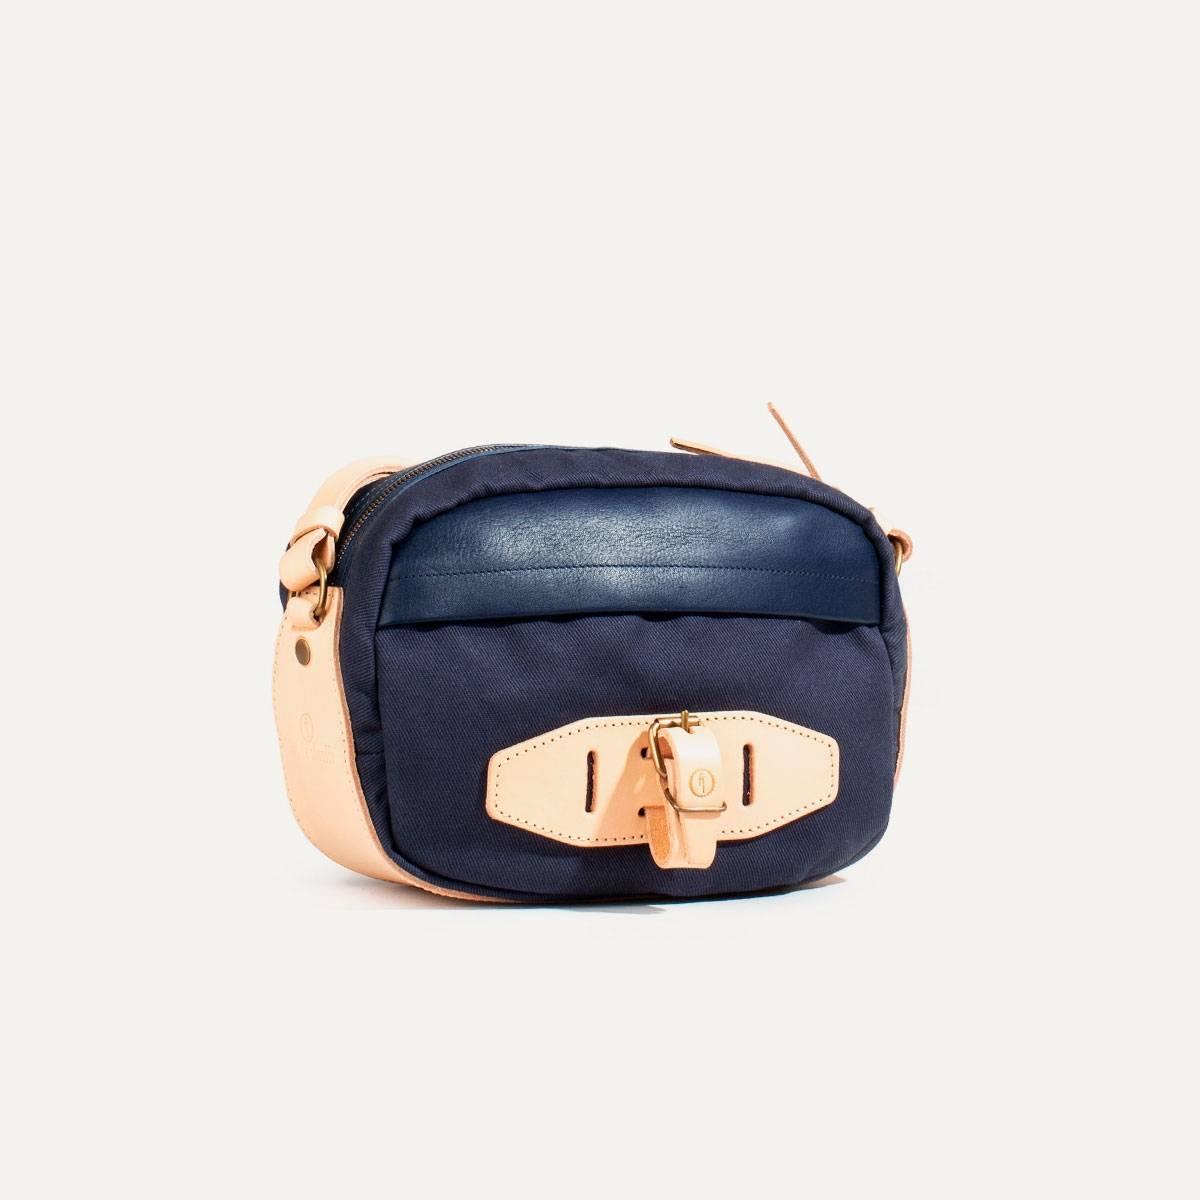 Honshu Belt bag - Navy blue/Natural (image n°3)